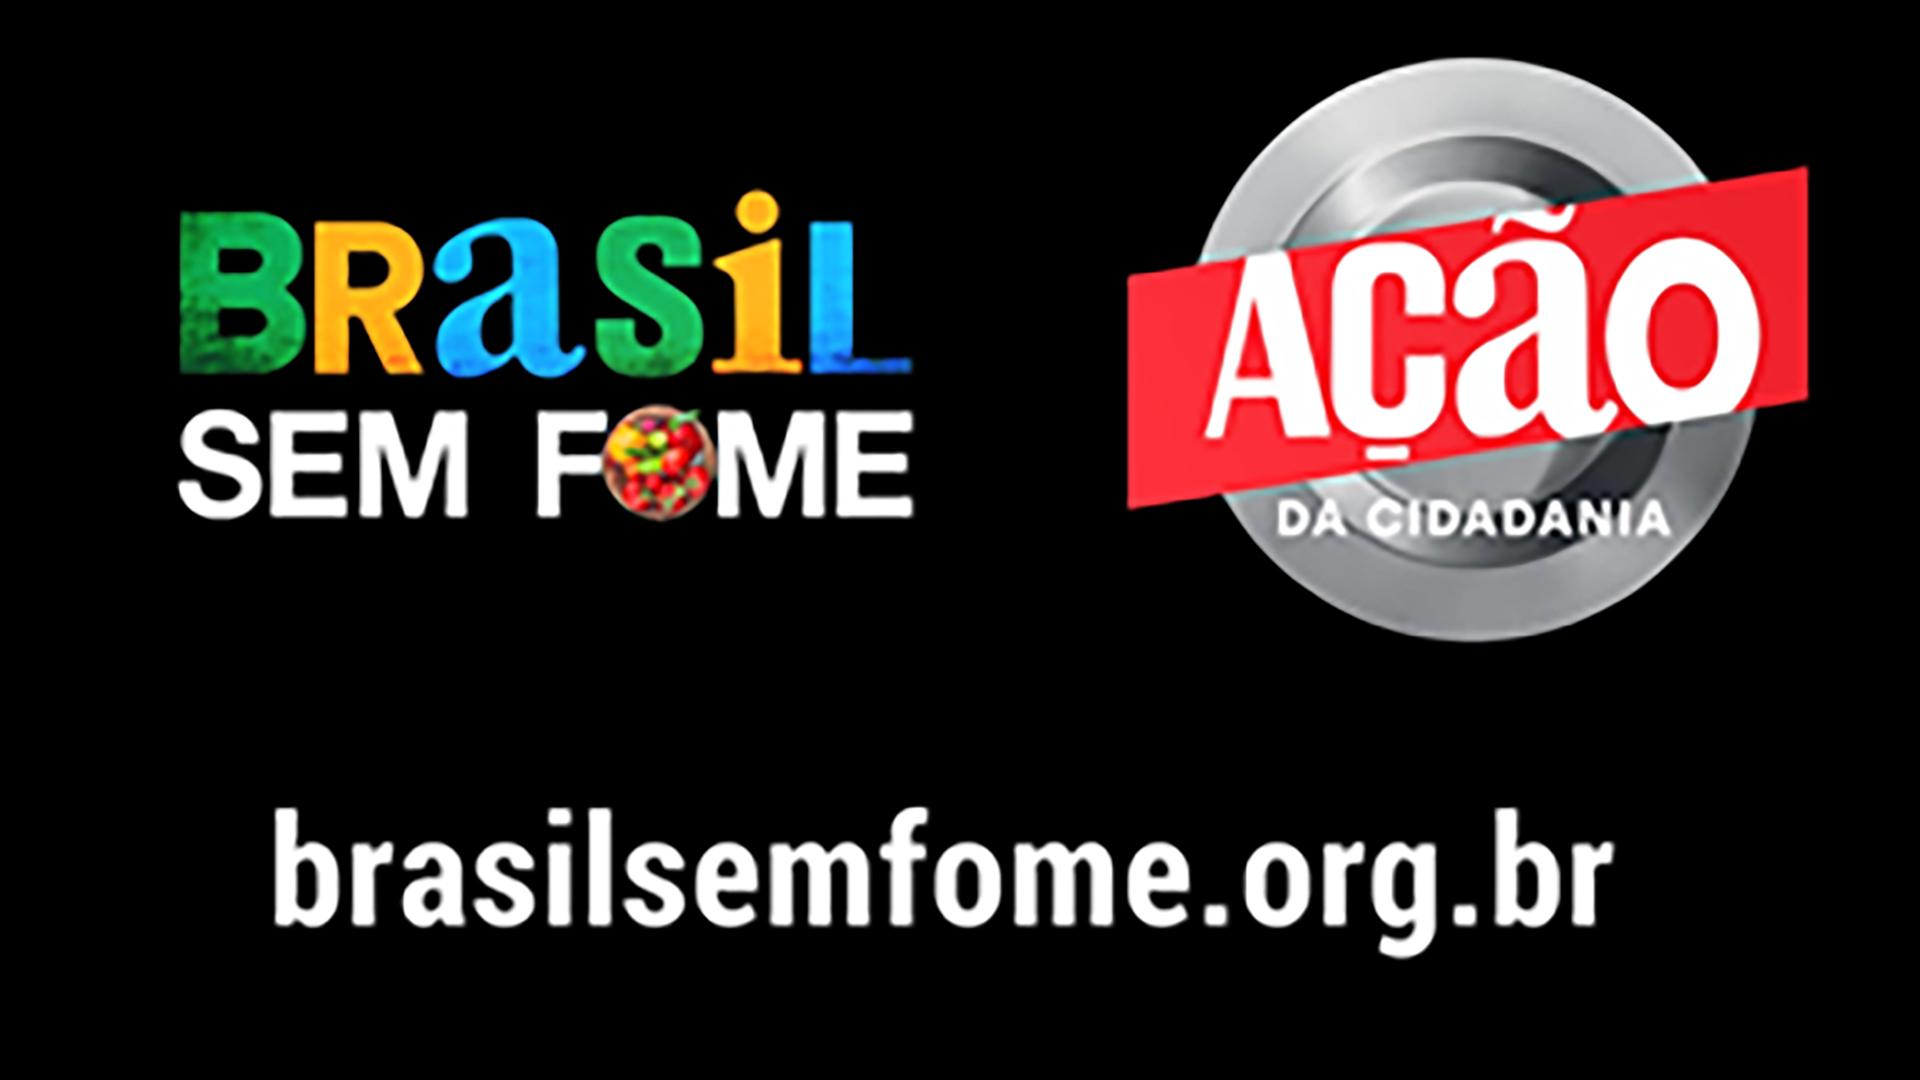 Alpargatas apoia Ação da Cidadania com doação de 5 milhões de refeições para combate à fome